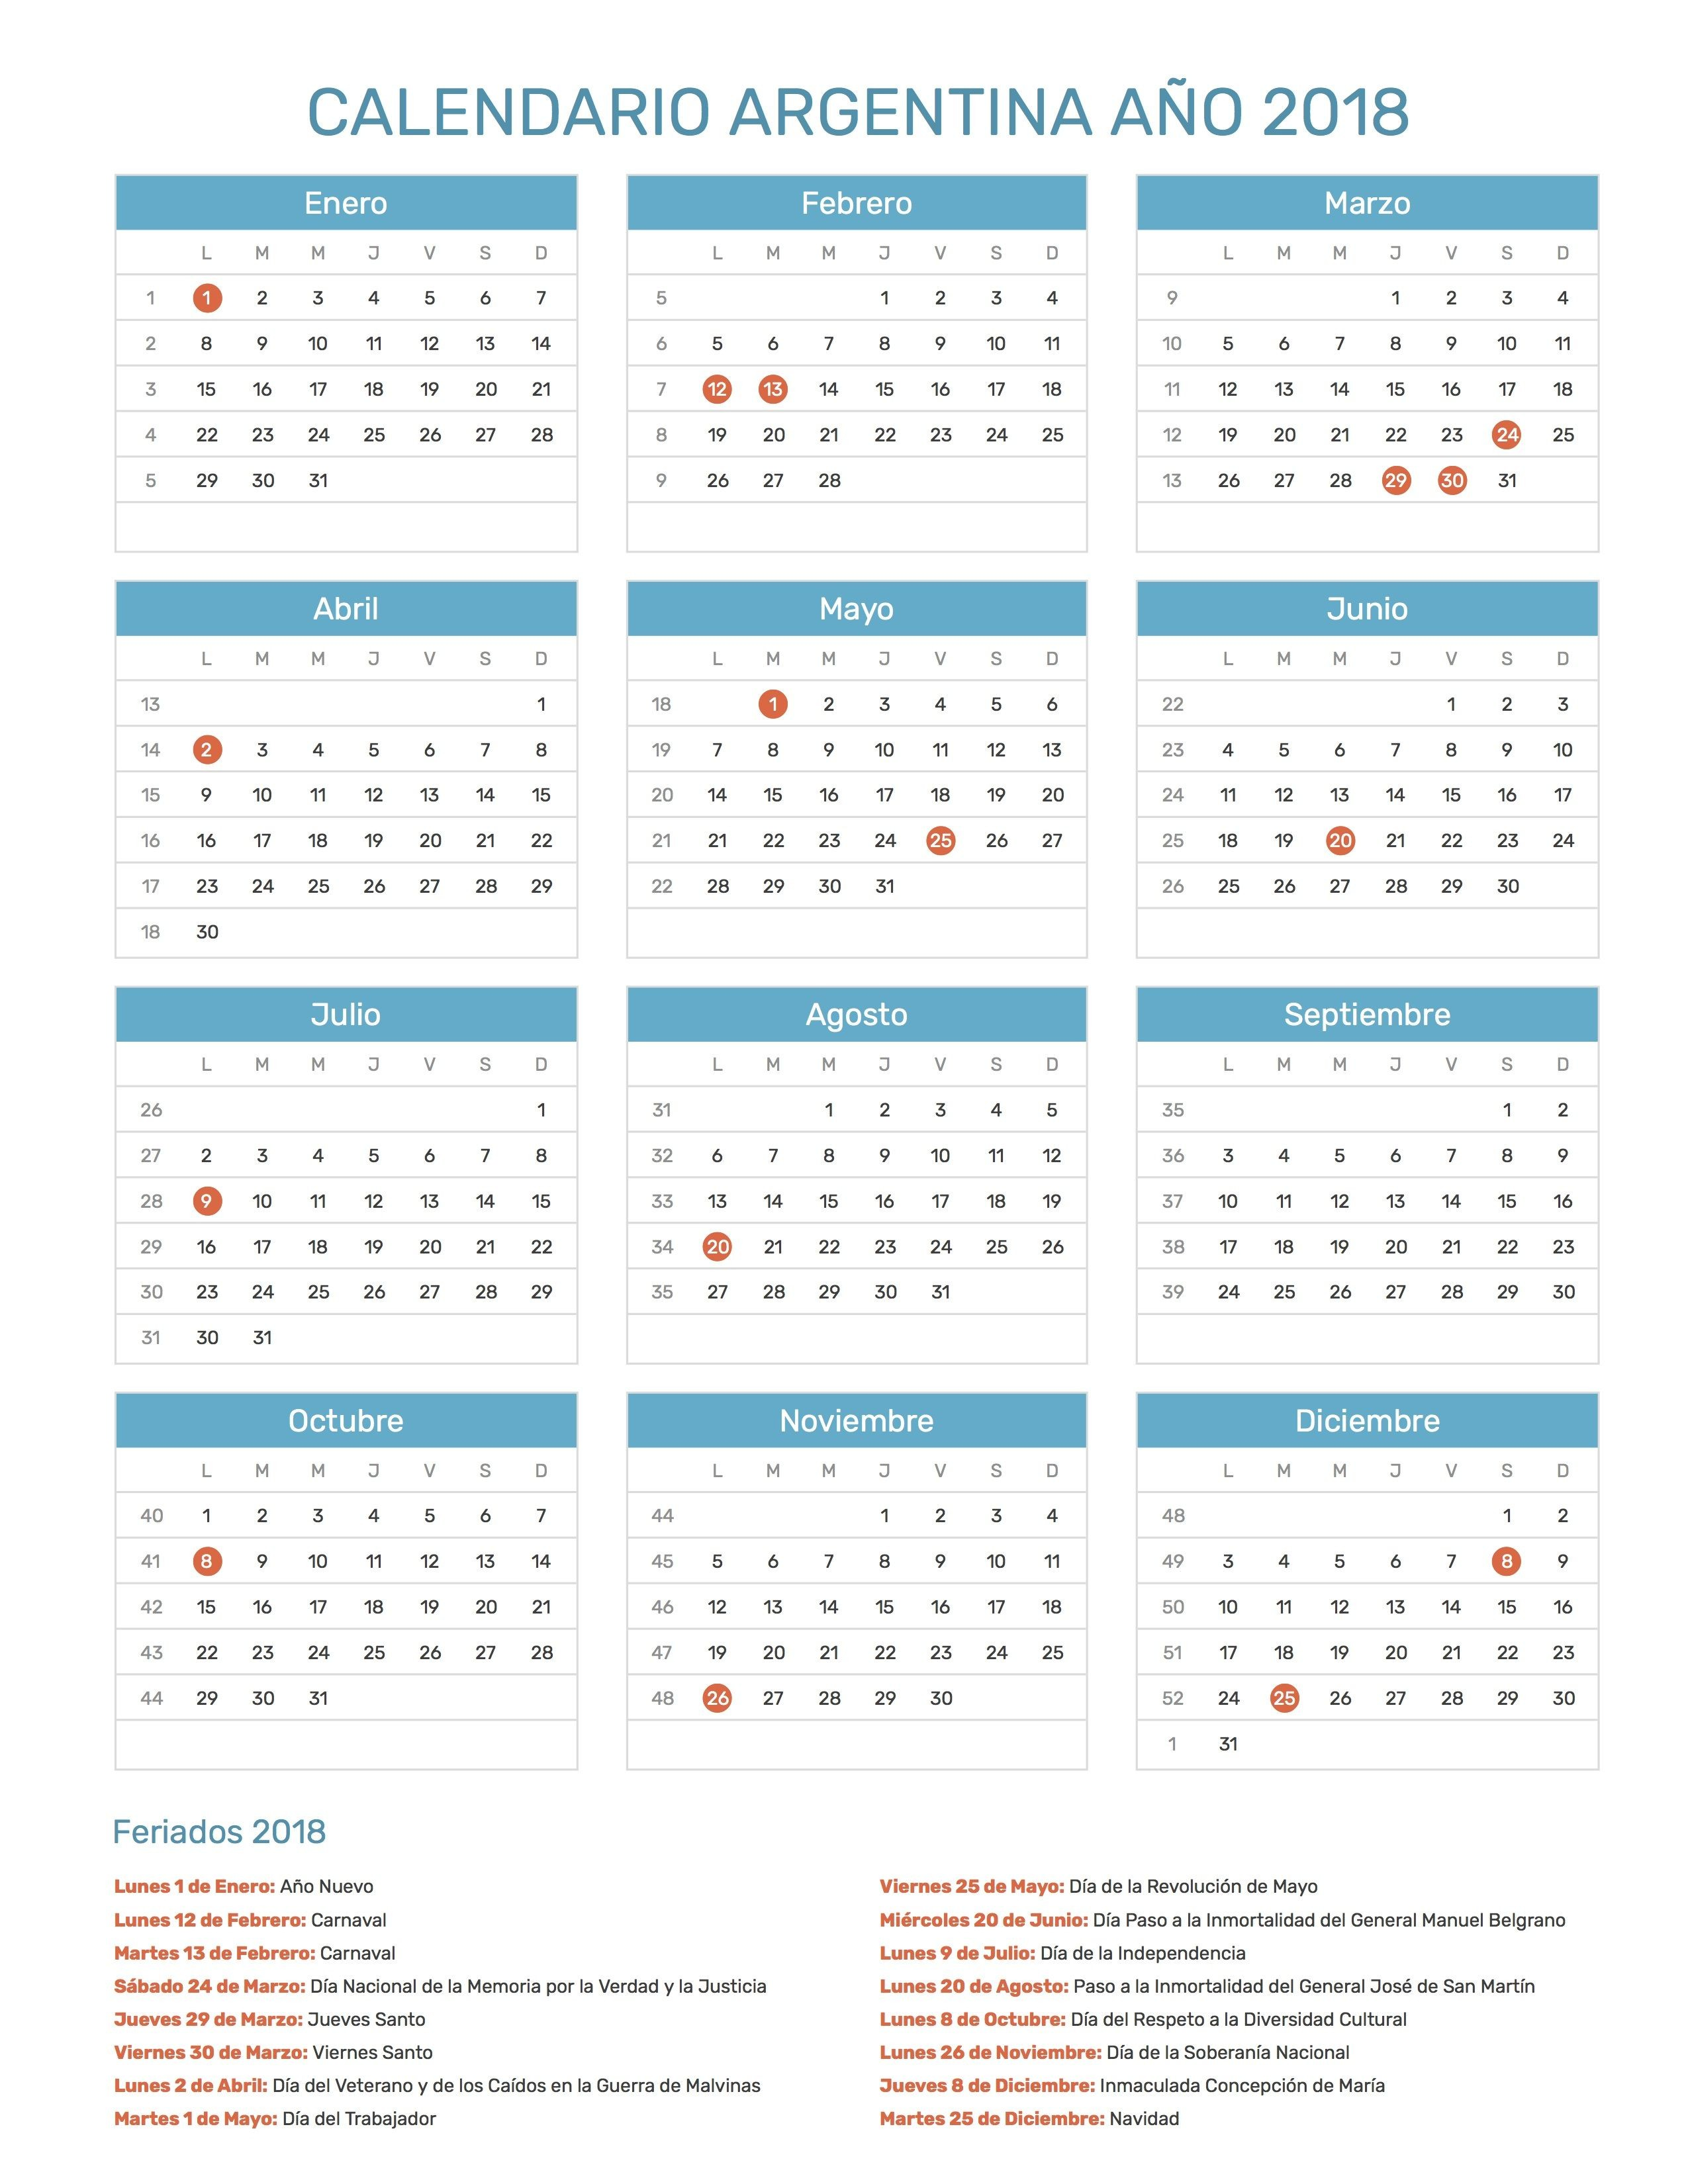 Calendario 2019 Argentina Editable Más Recientemente Liberado Resultado De Imagen Para Calendario 2018 Para Imprimir Of Calendario 2019 Argentina Editable Más Reciente Informaci³n Make A 2019 Calendar In Excel